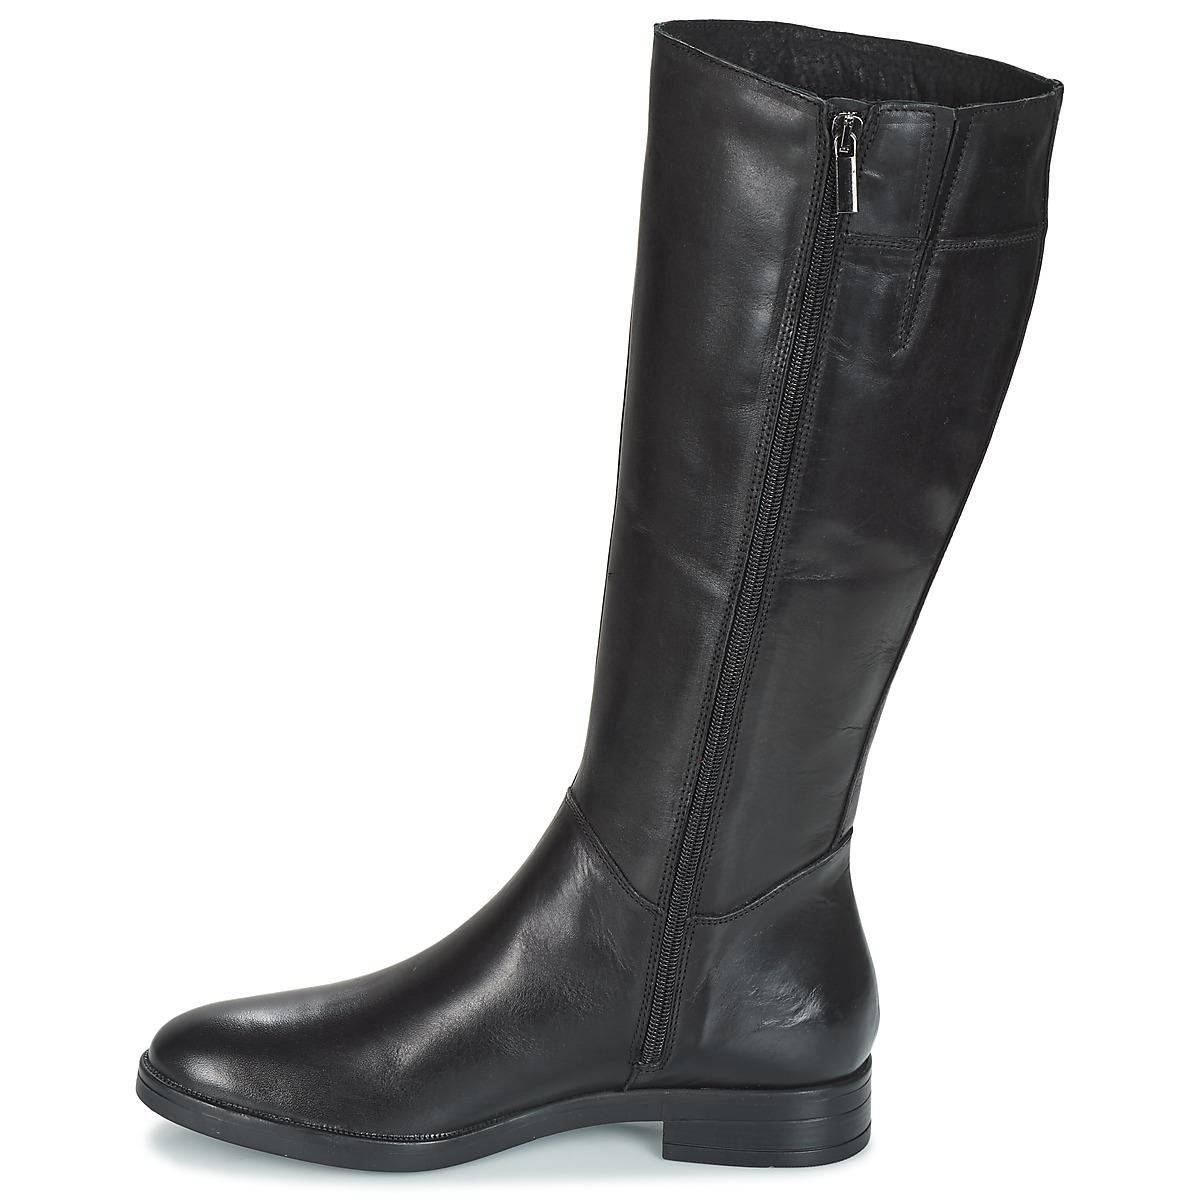 Betty London Janka Noir - Livraison Gratuite Chaussures Botte Ville Femme 124,00 €